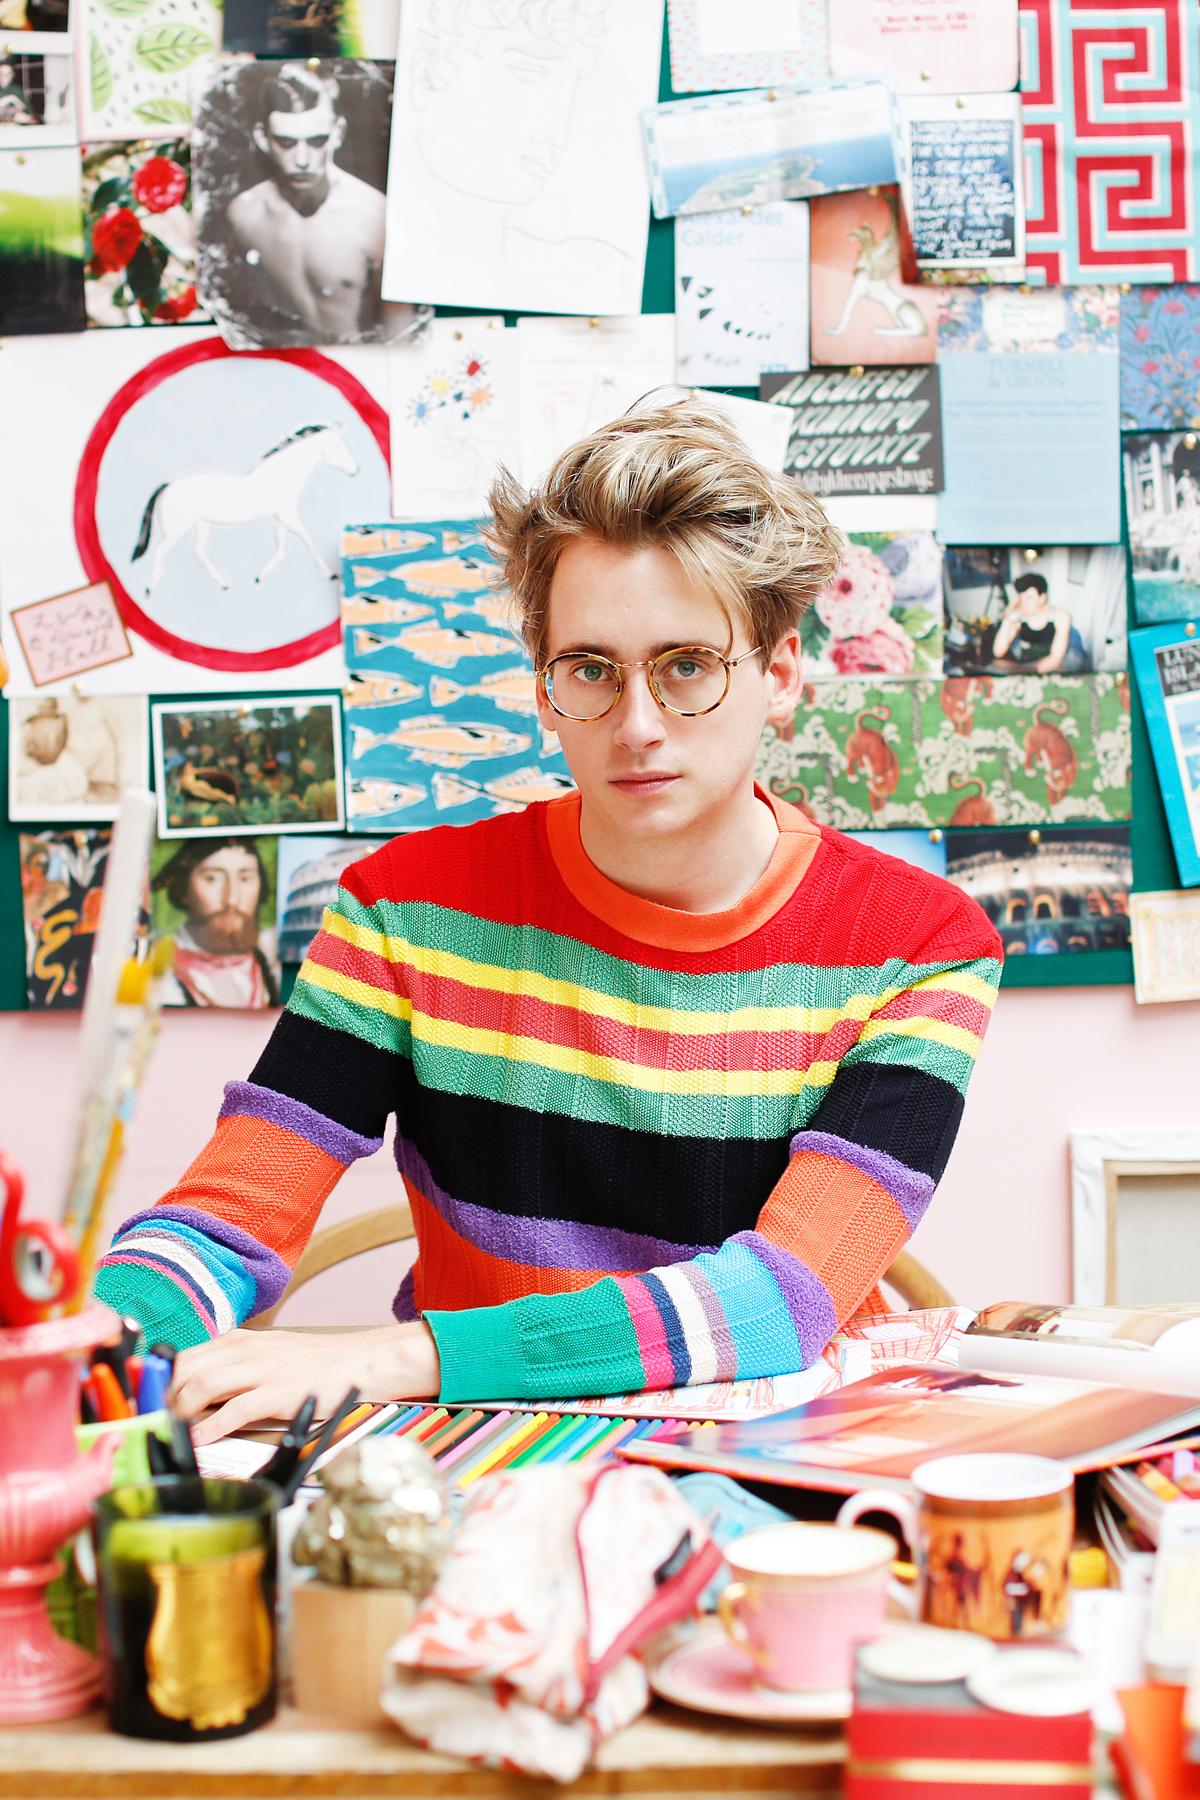 Luke Edward Hall on the joys of maximalism